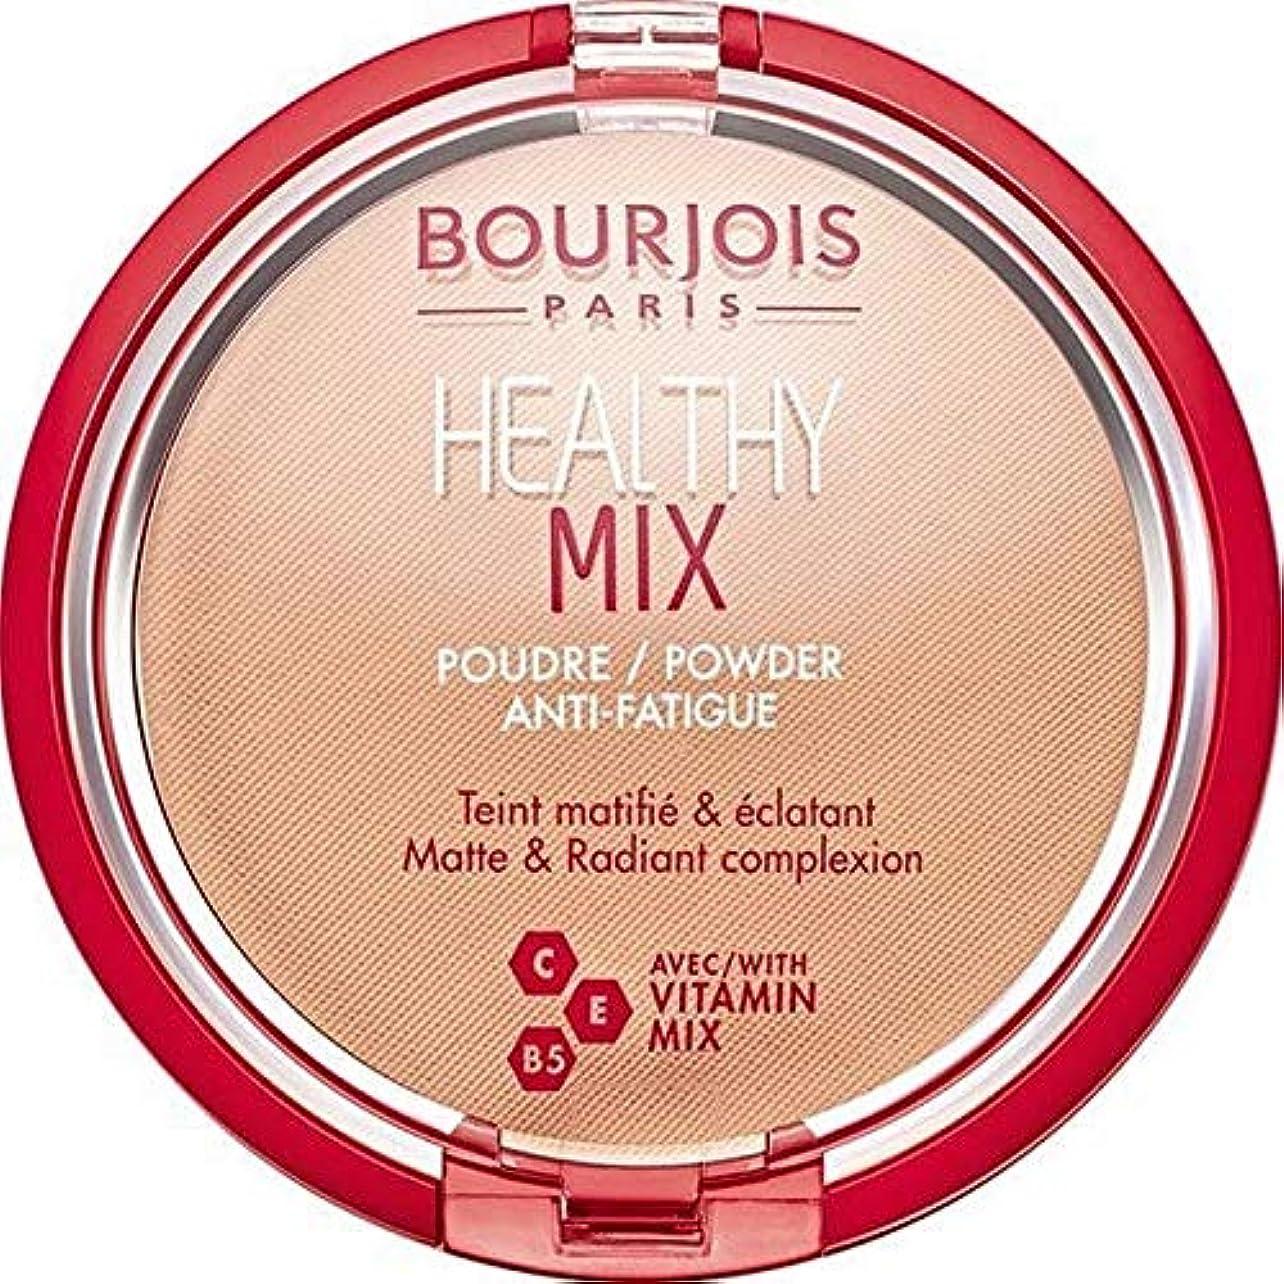 魔法共役膨張する[Bourjois ] ブルジョワヘルシーミックスは粉末3を押します - Bourjois Healthy Mix Pressed Powder 3 [並行輸入品]